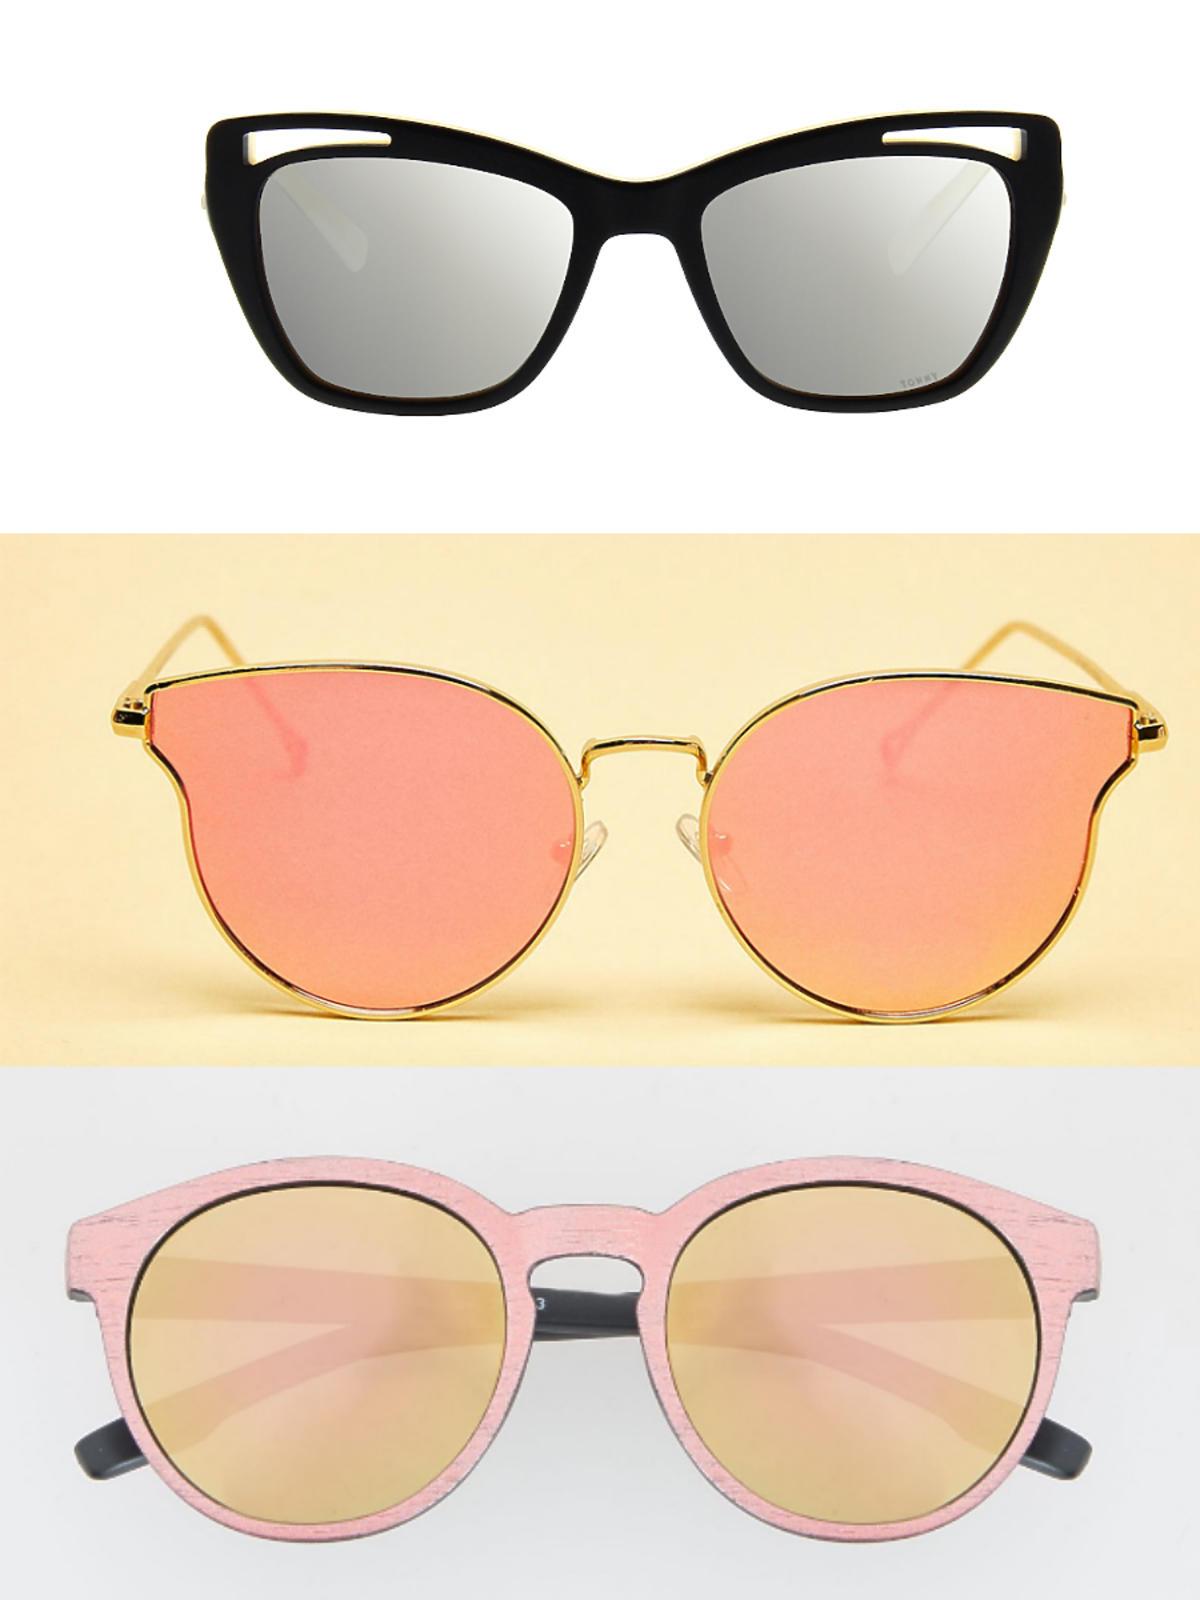 Okulary do twarzy kwadratowej